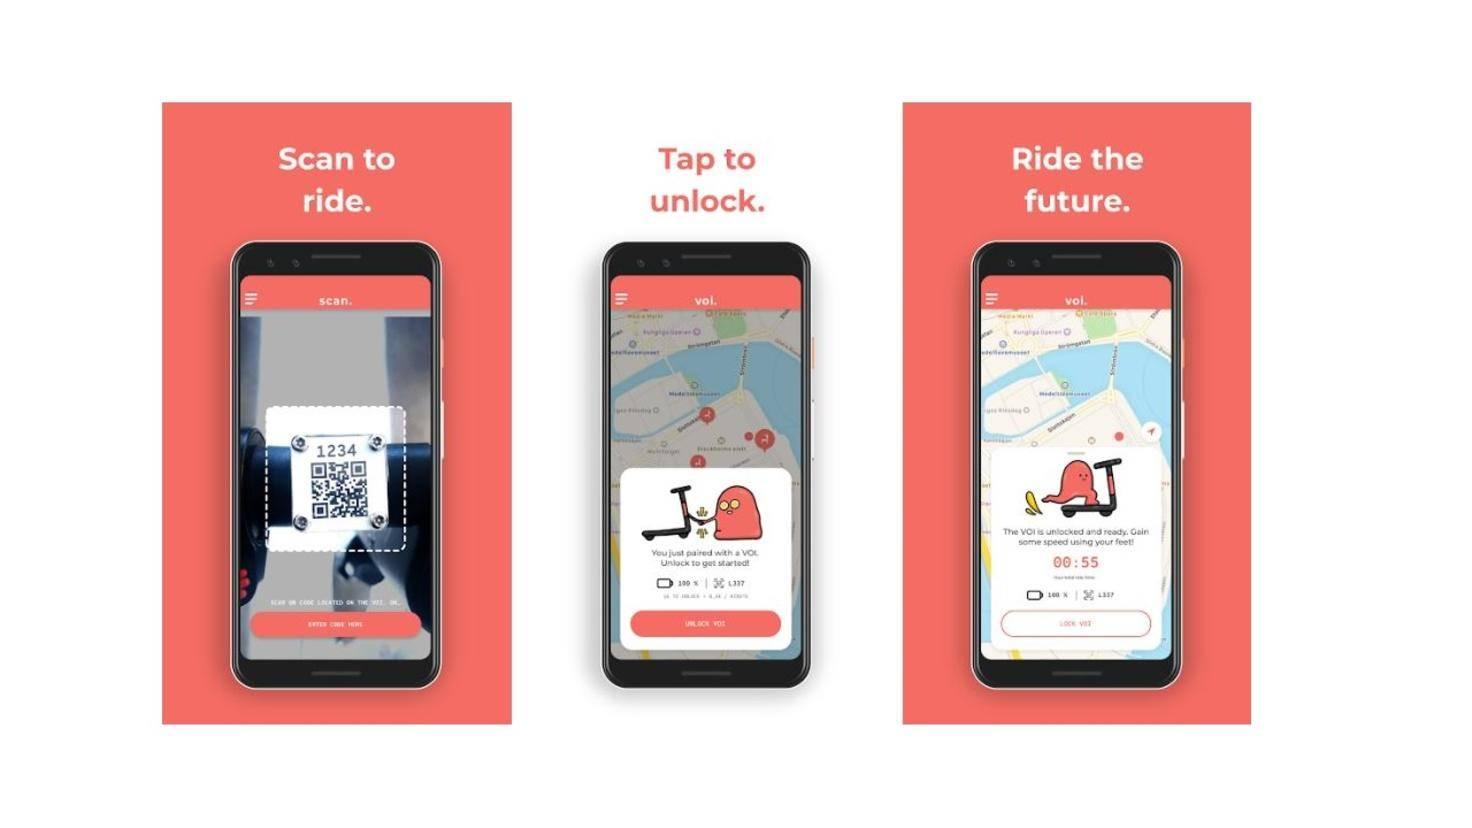 Die App des E-Scooter-Verleihs Voi.